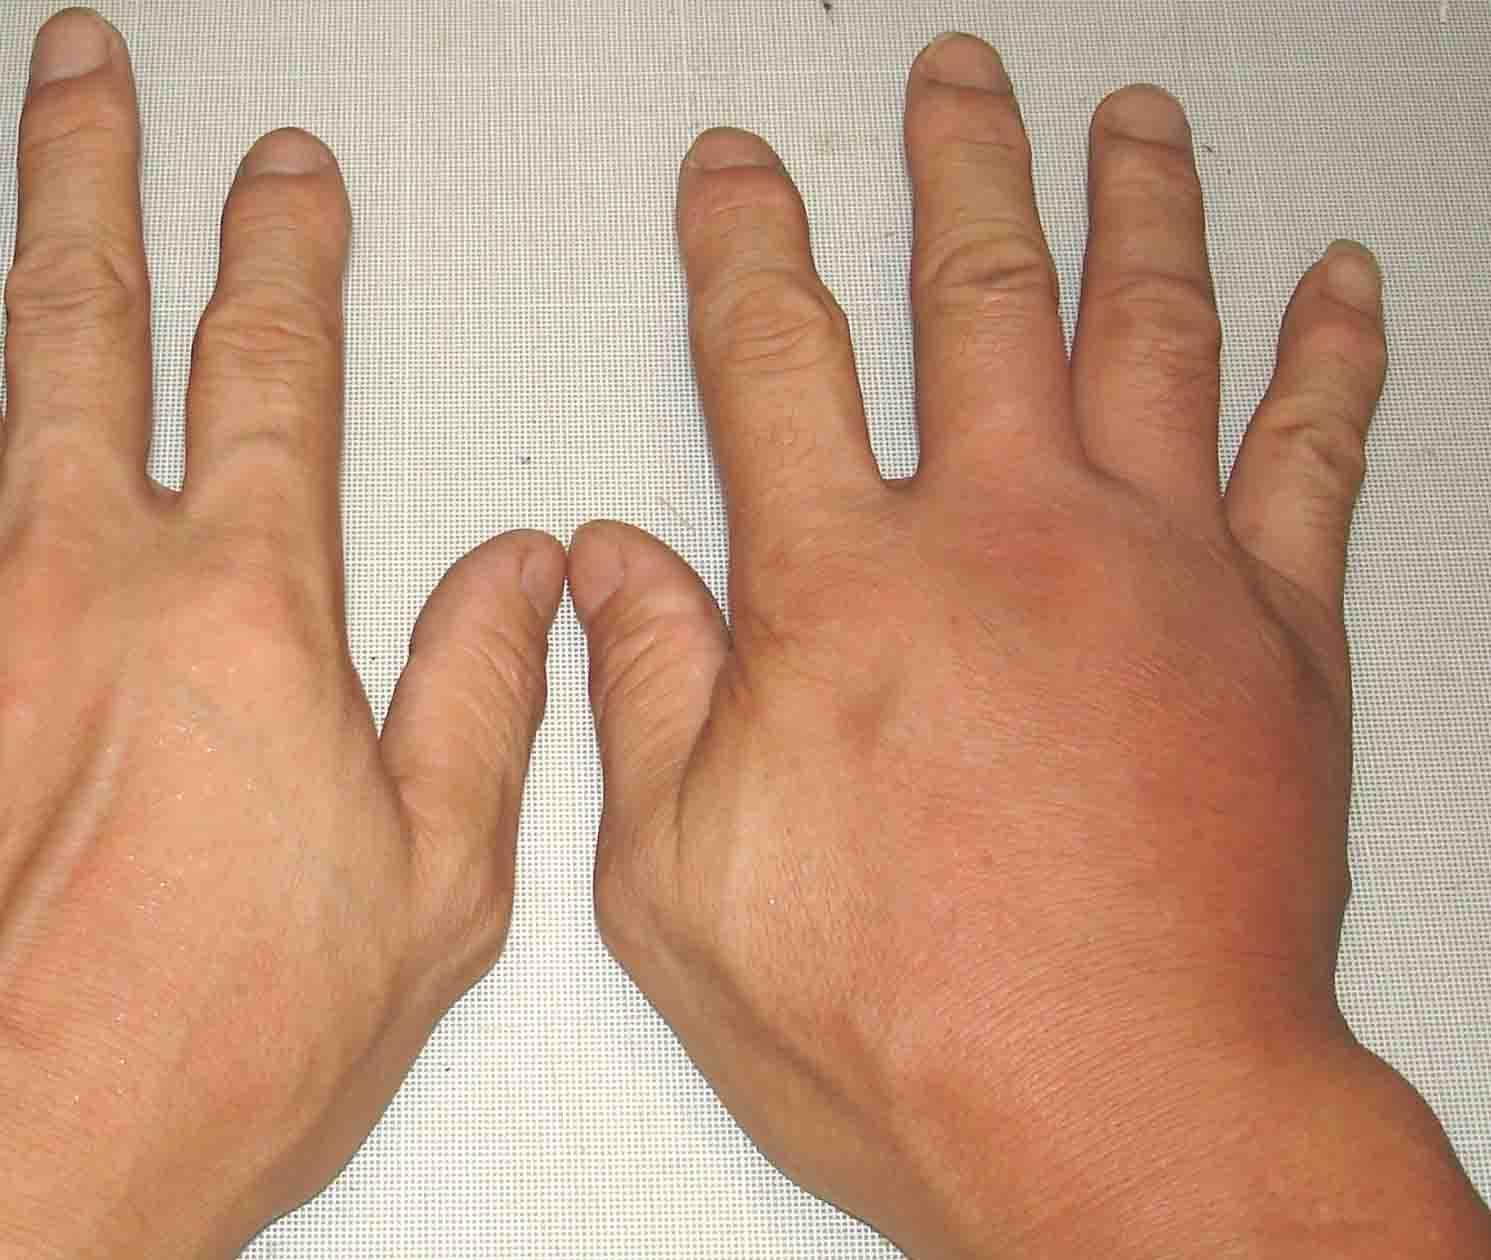 腫れてきた右手と左手の比較(16日17:34)